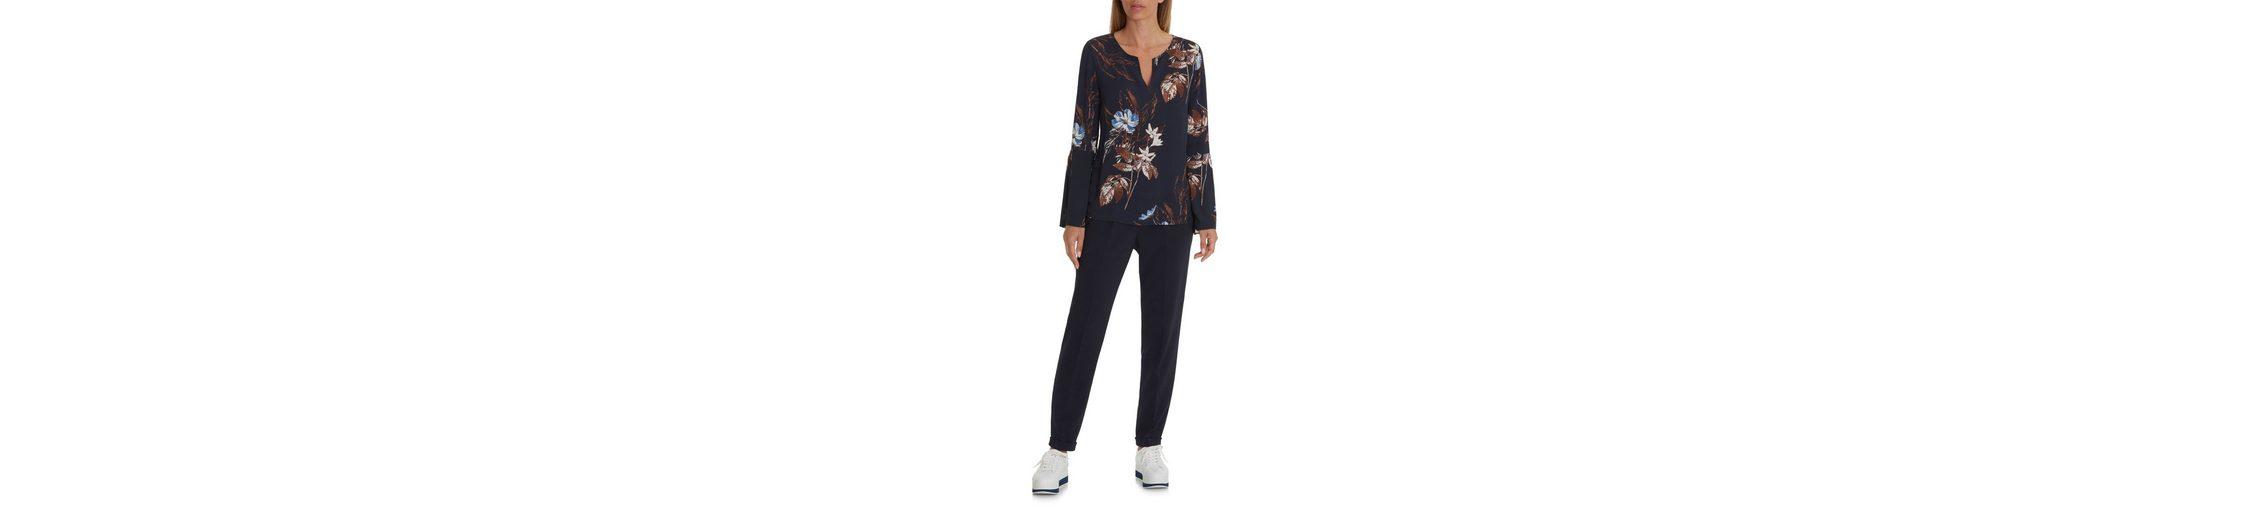 Betty&Co Bluse mit Allover Blumenprint Liefern Billig Verkauf Angebote Spielraum Erhalten Zu Kaufen DiUFBpxR